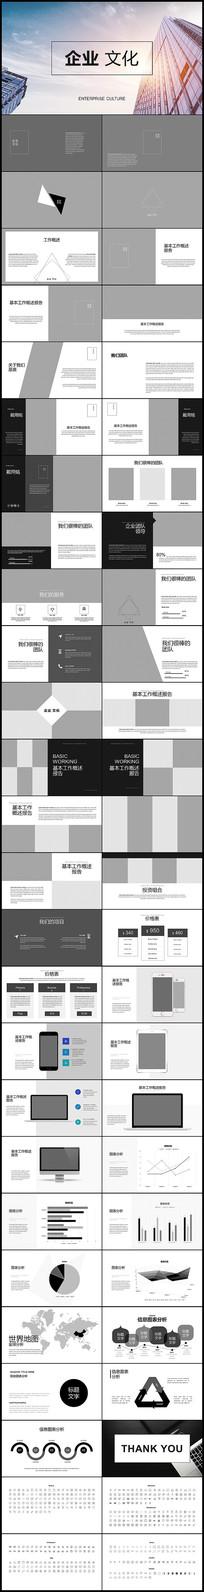 黑色欧美企业宣传企业简介PPT模板